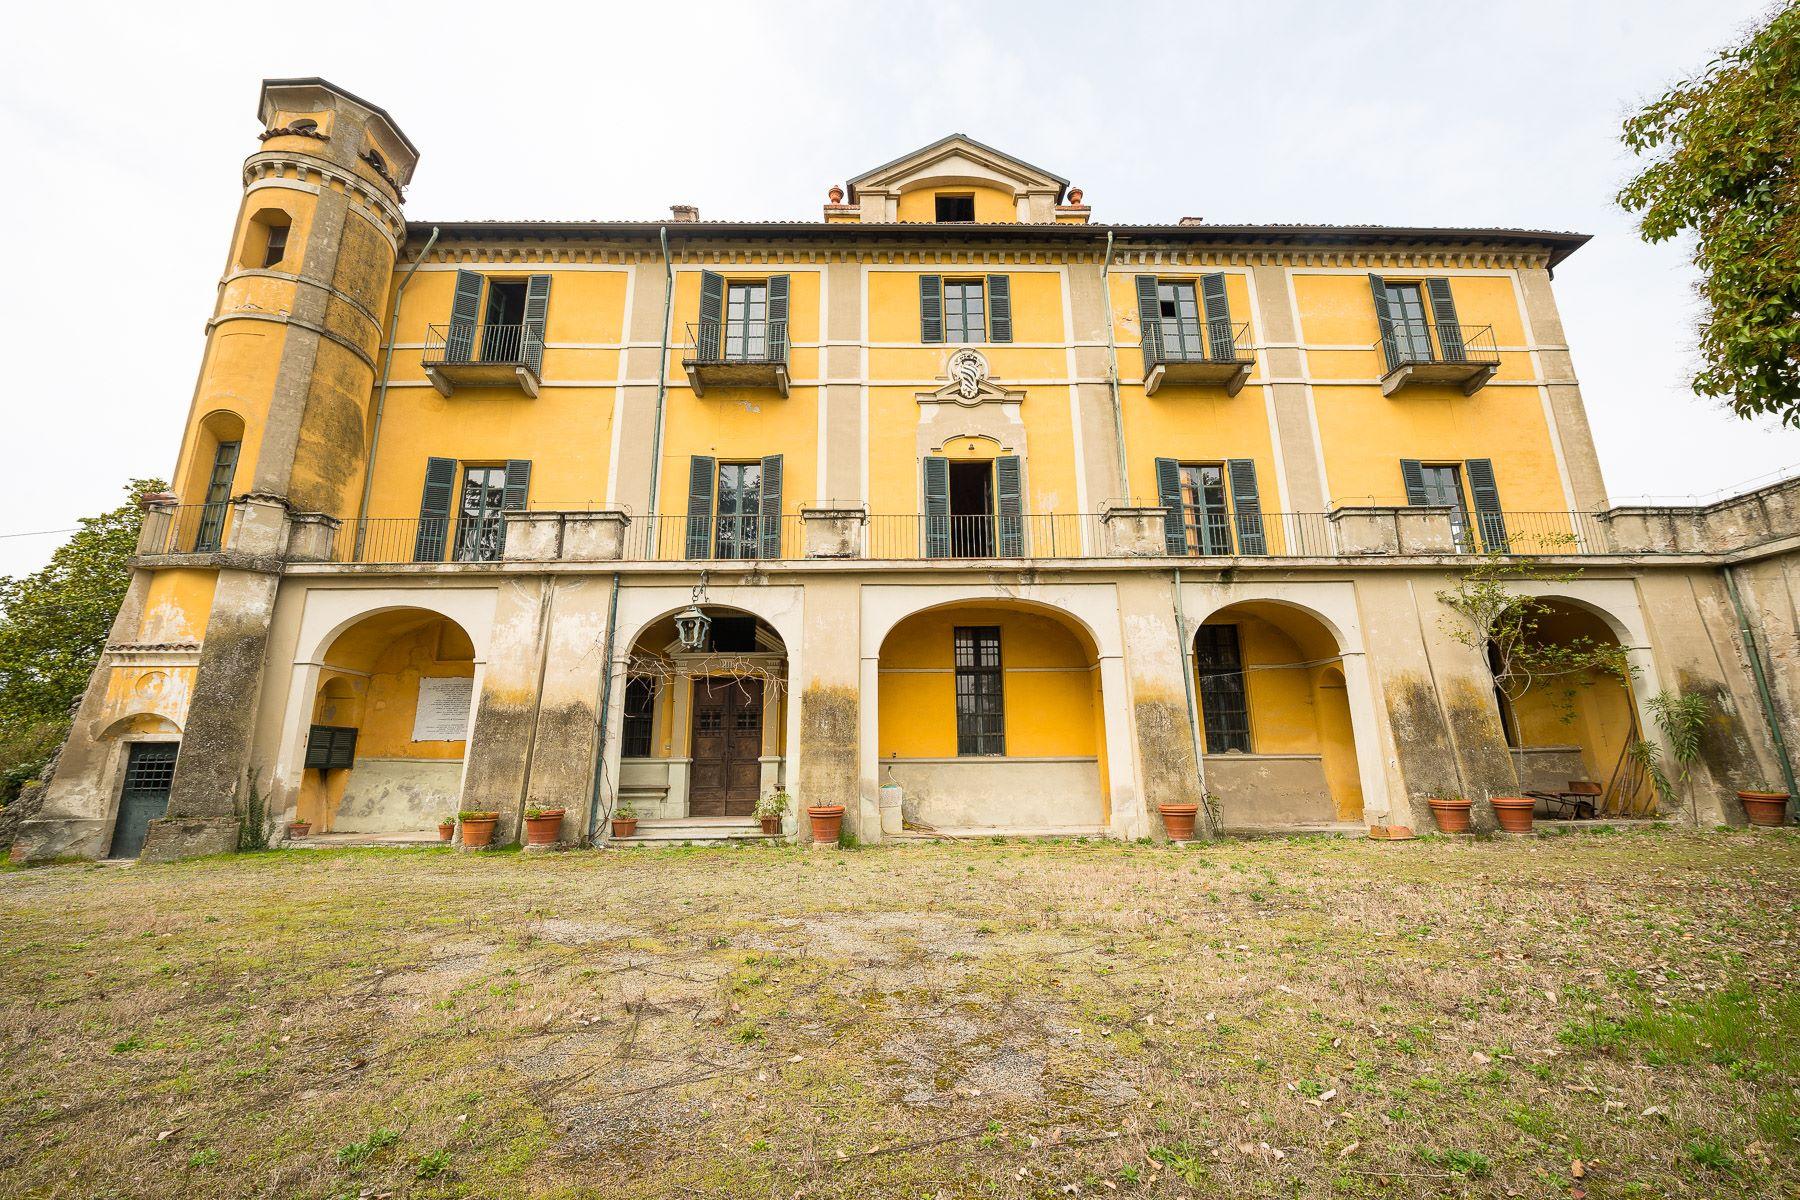 Villa per Vendita alle ore Imponente villa in stile barocco piemontese a Moncestino Other Alessandria, Alessandria Italia